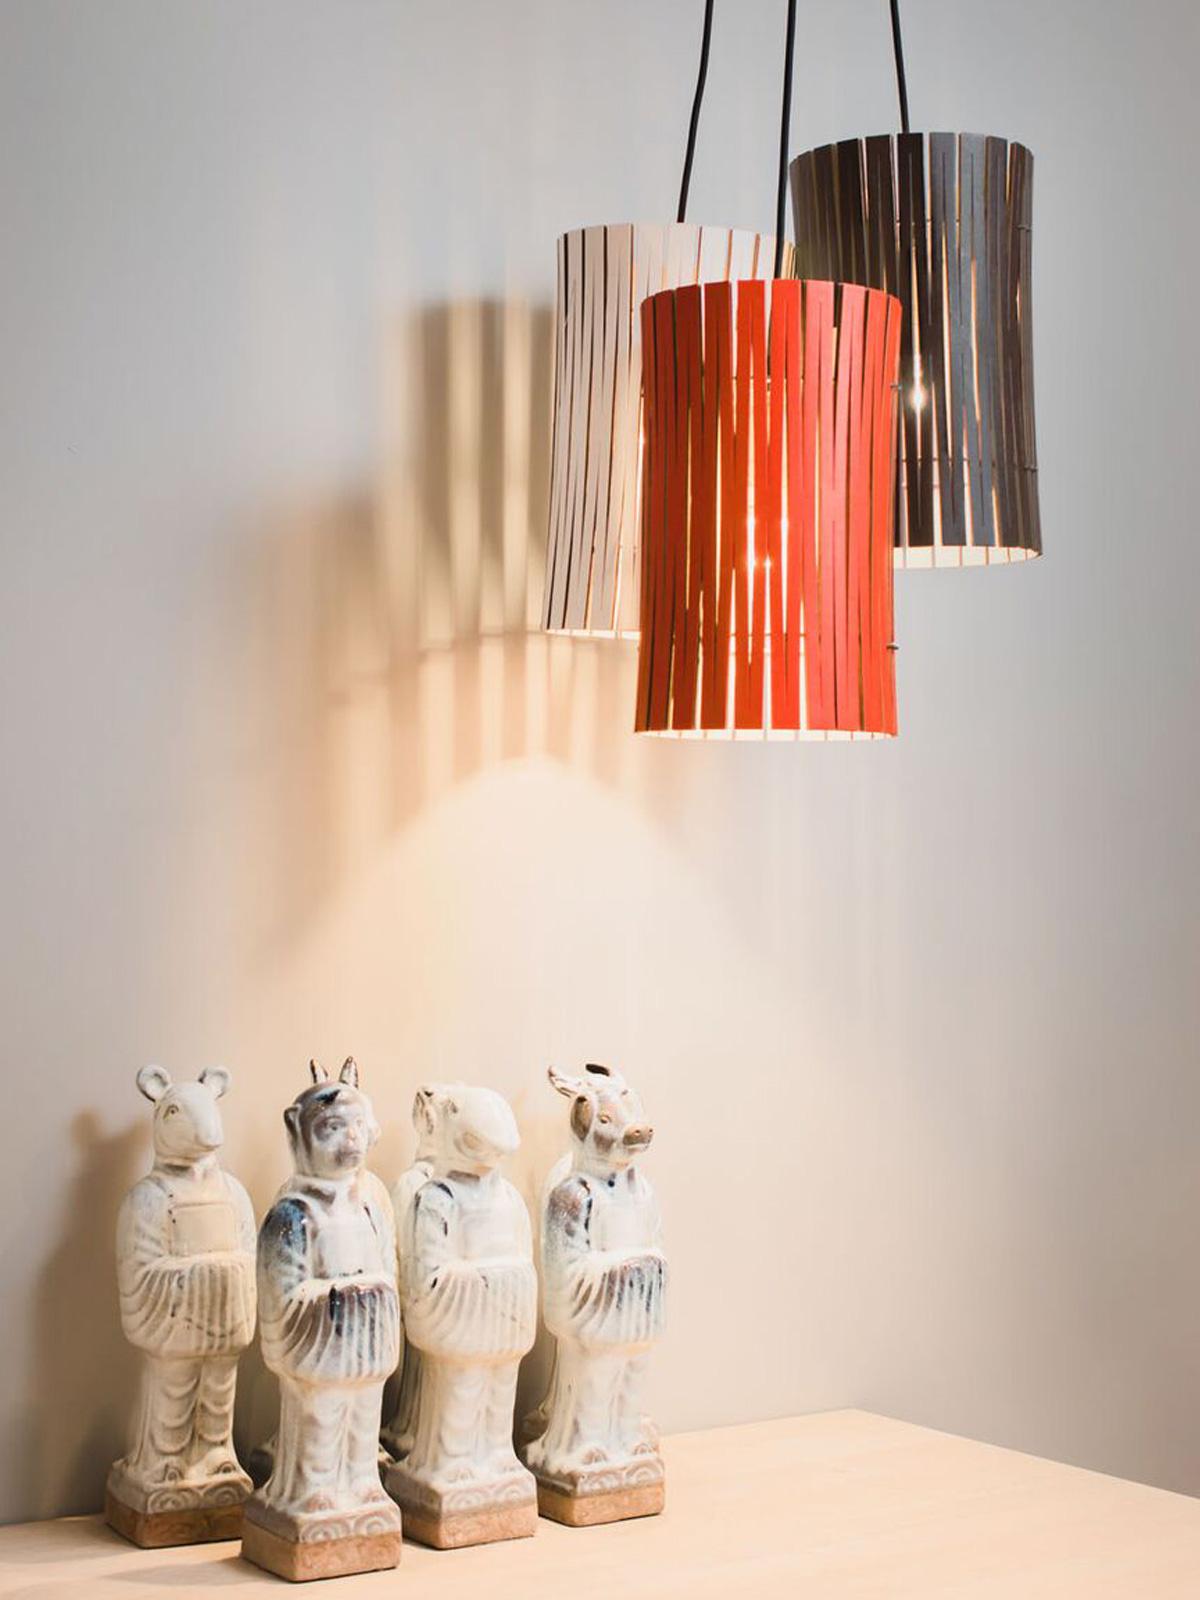 DesignOrt Blog: Dreierhängung von Pendelleuchten Kerflights von Graypants